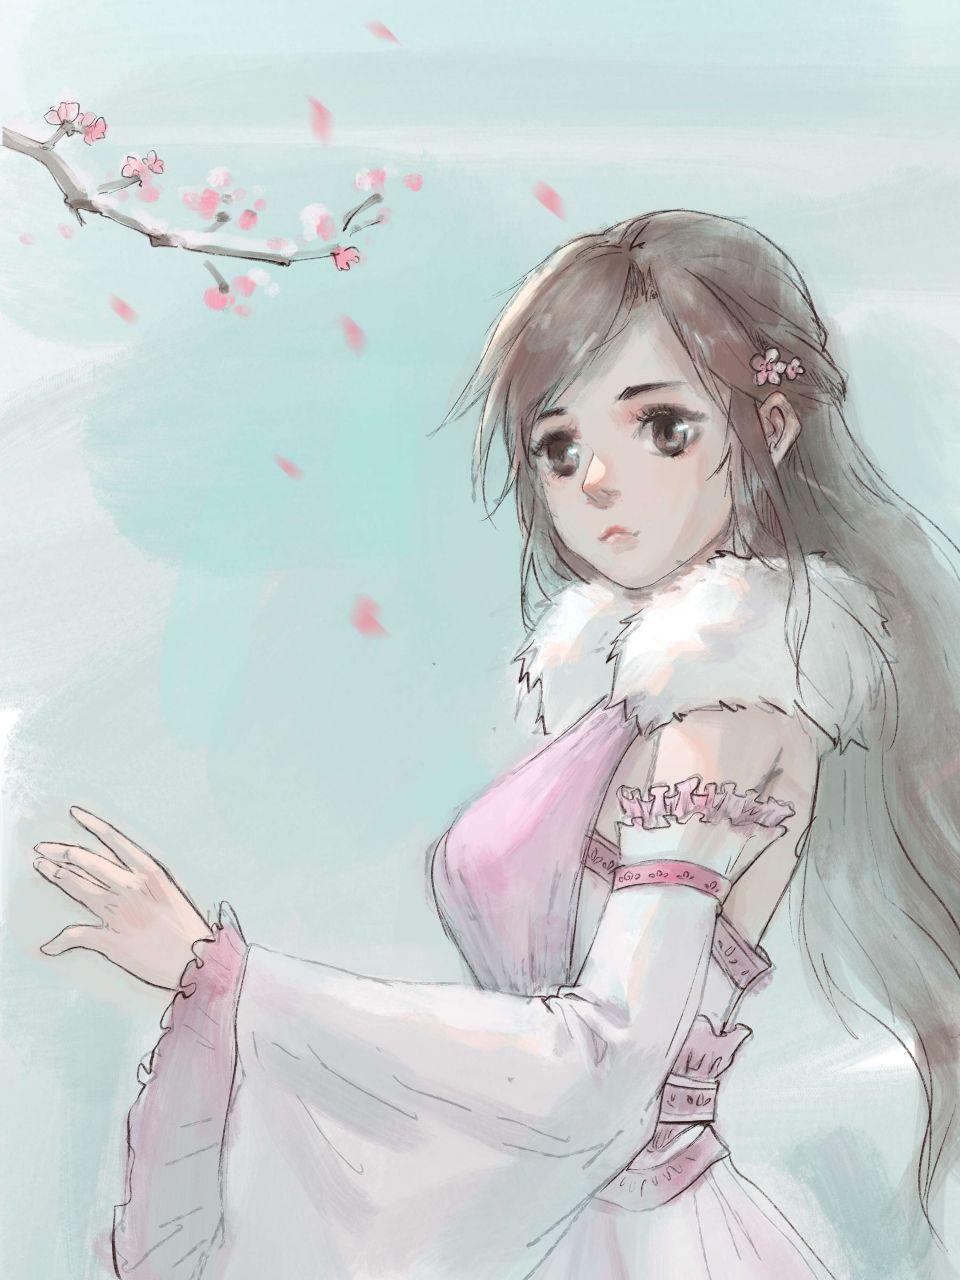 同人泠月小公主.jpg